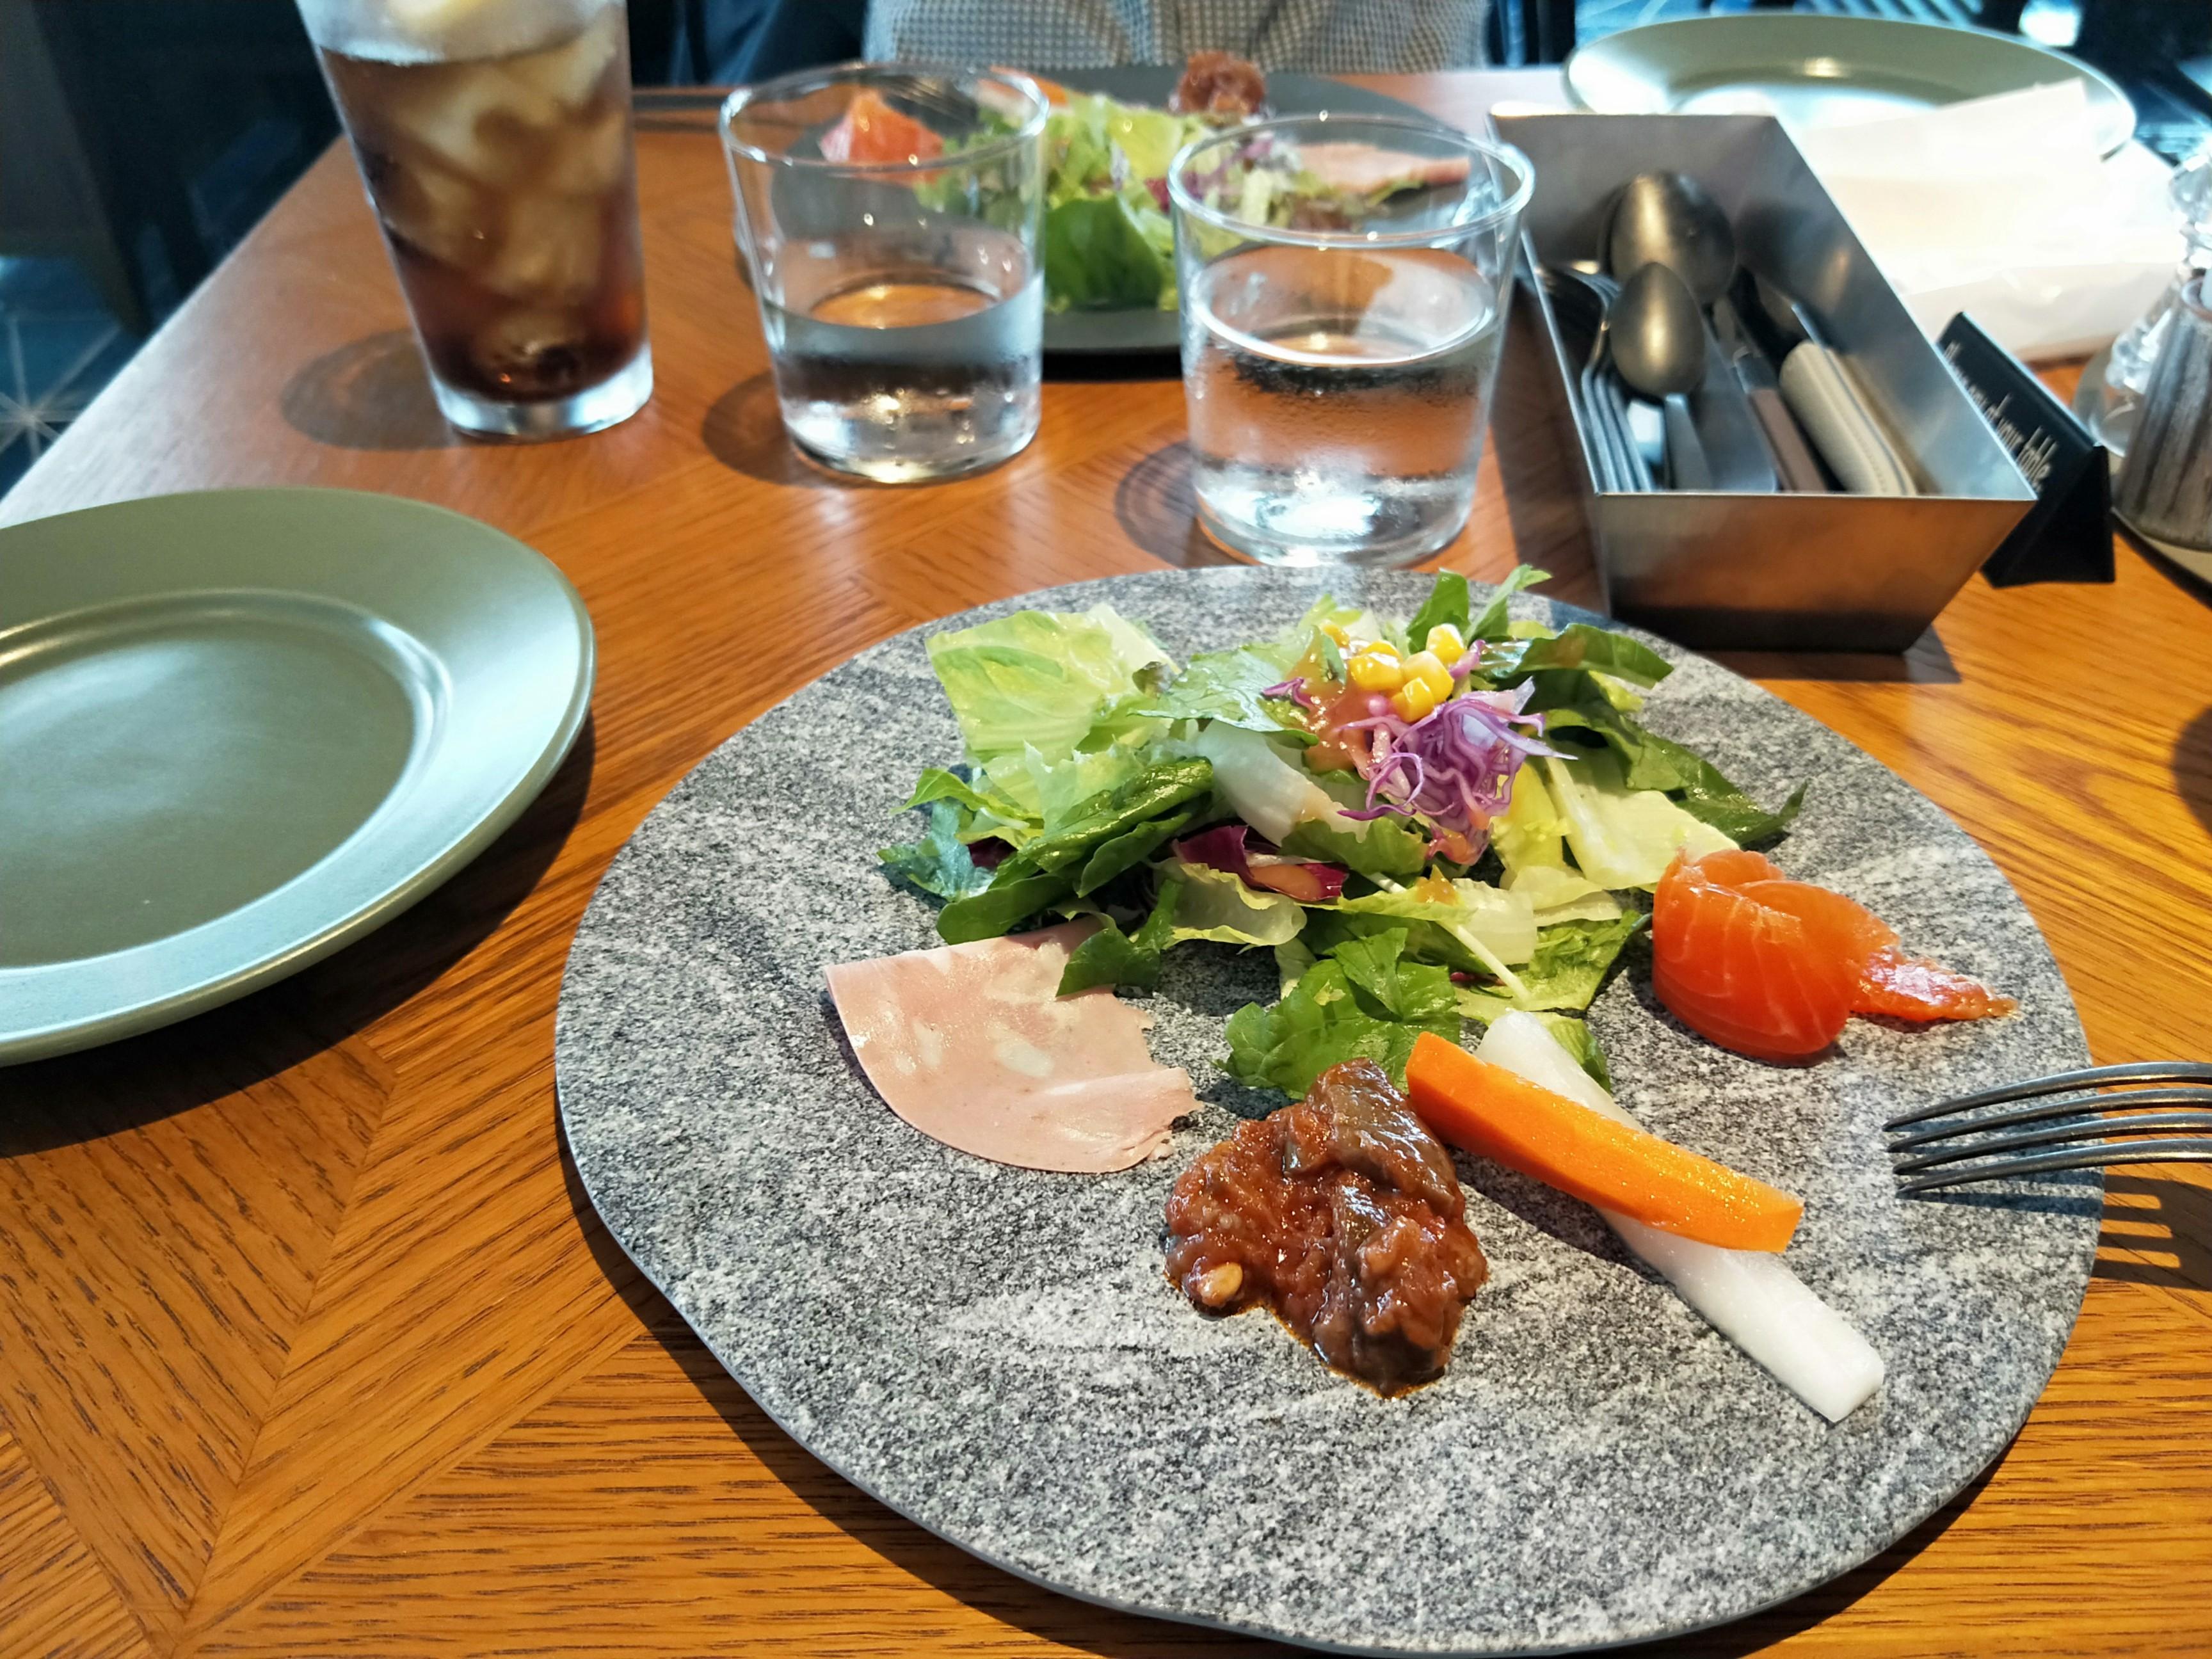 【横浜ハンマーヘッド】10月31日New Open!食をテーマにしたテーマパークへ潜入✨_6